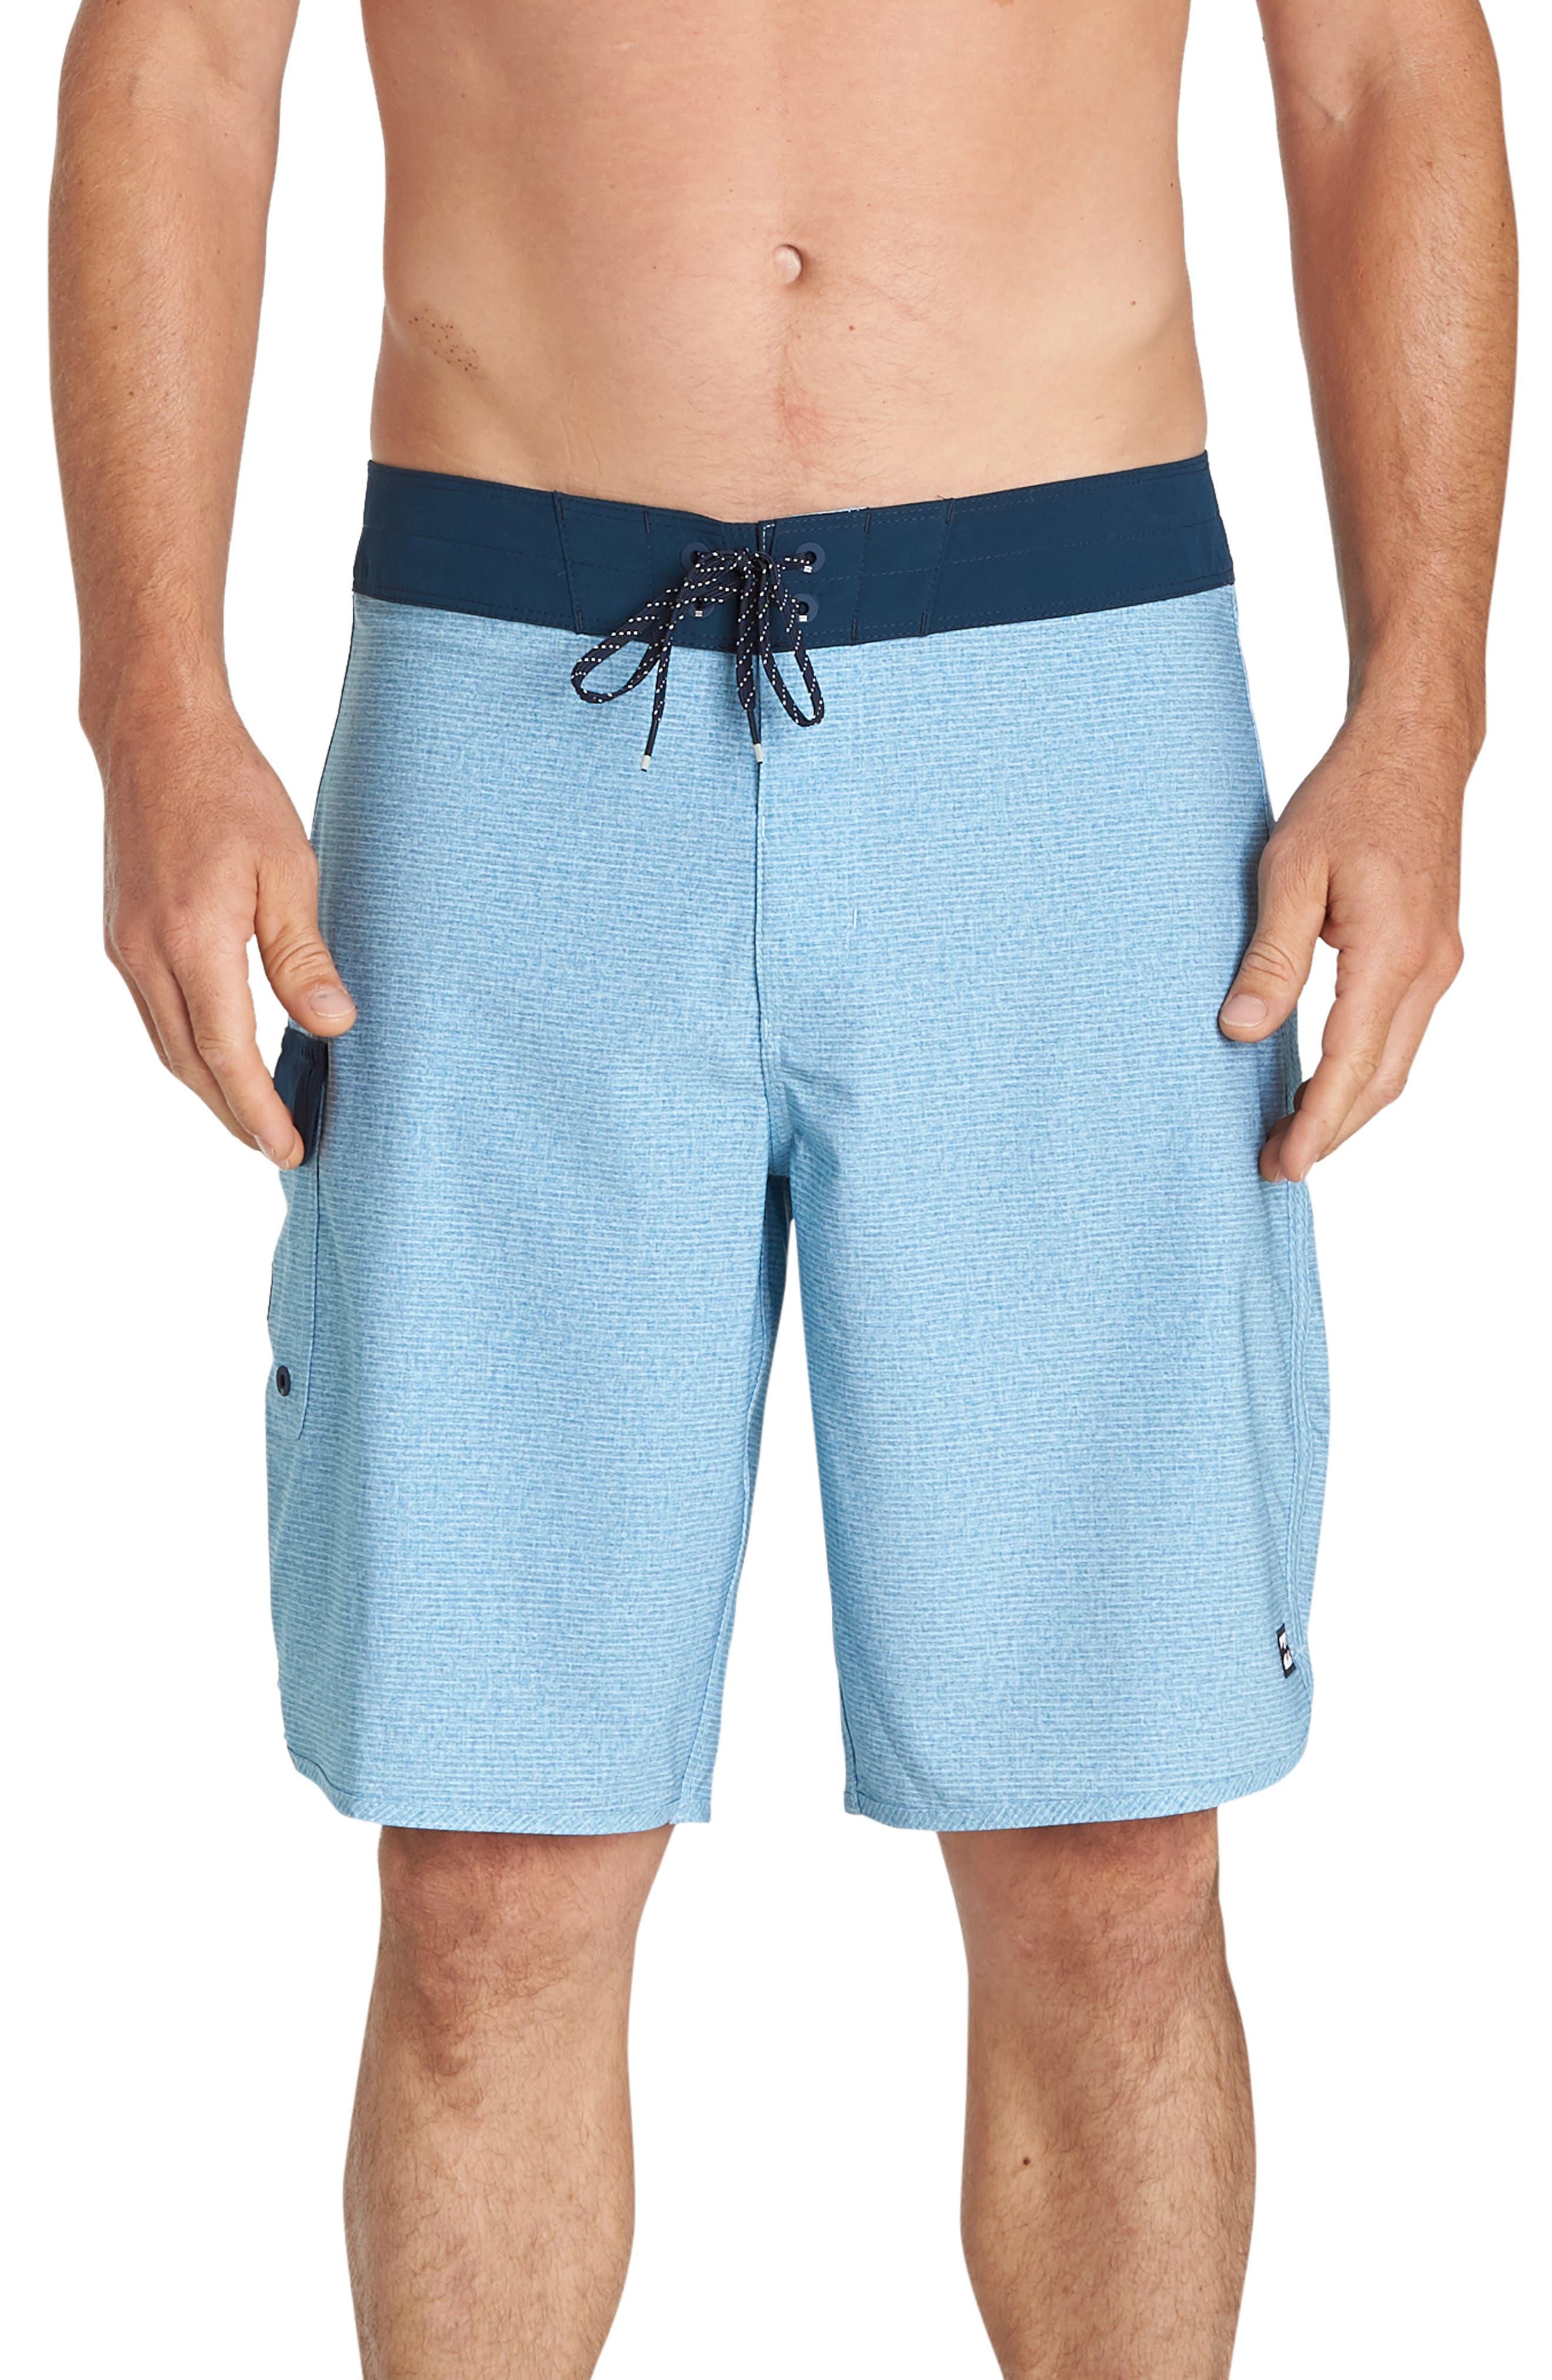 Billabong 73 Pro Board Shorts, Blue